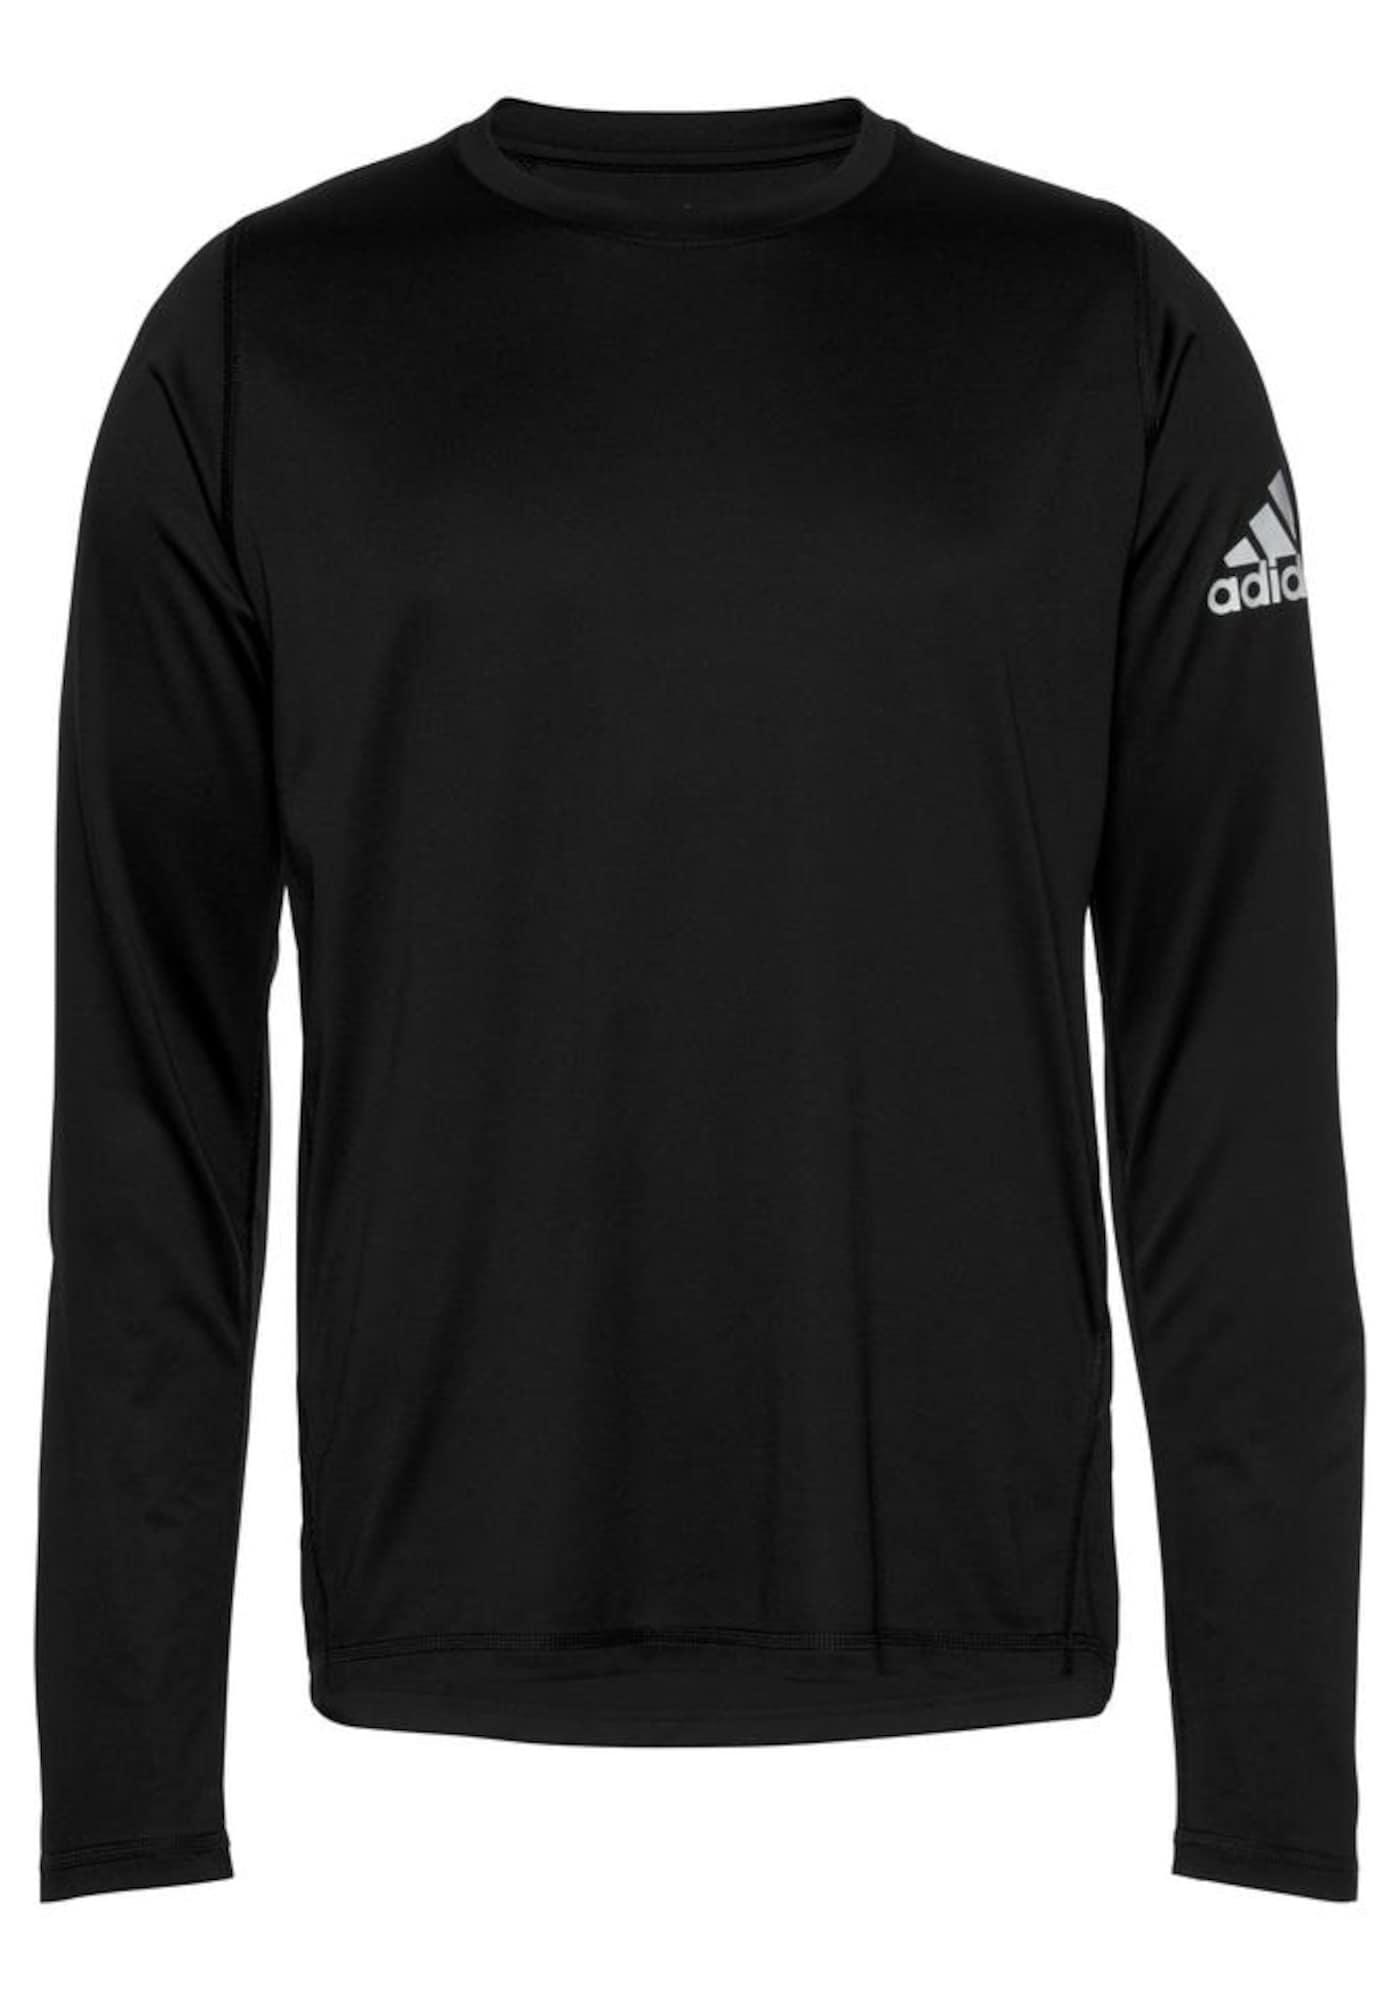 ADIDAS PERFORMANCE Sportiniai marškinėliai 'Level X Bos' juoda